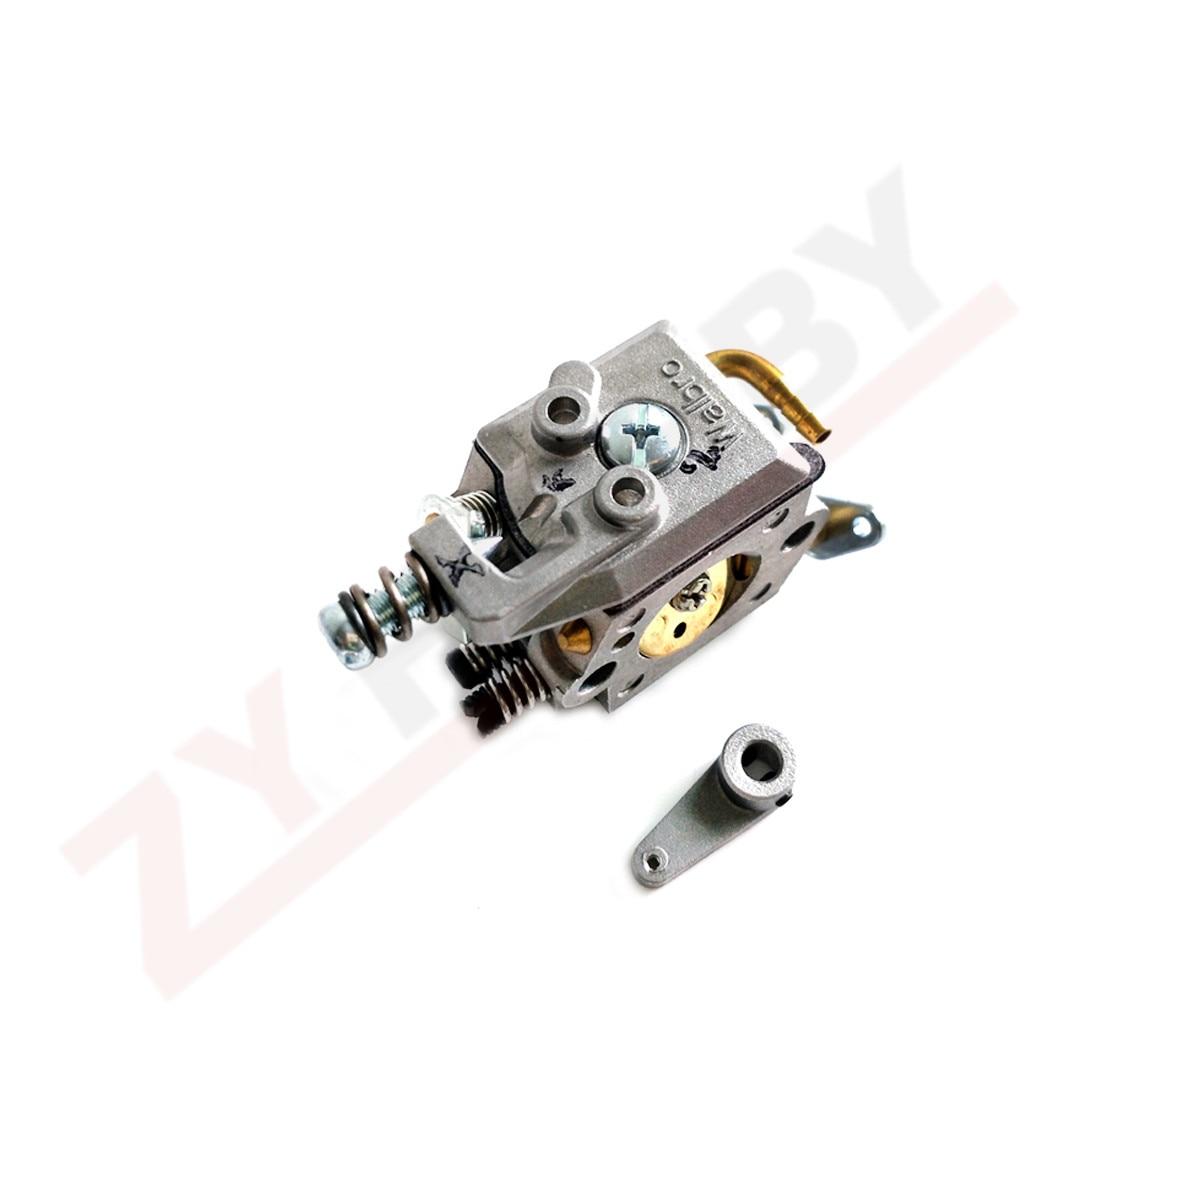 1 Pc carburateur Walbro pour DLE20RA moteur RC modèle avion moteur Carb Drone jouet pièces